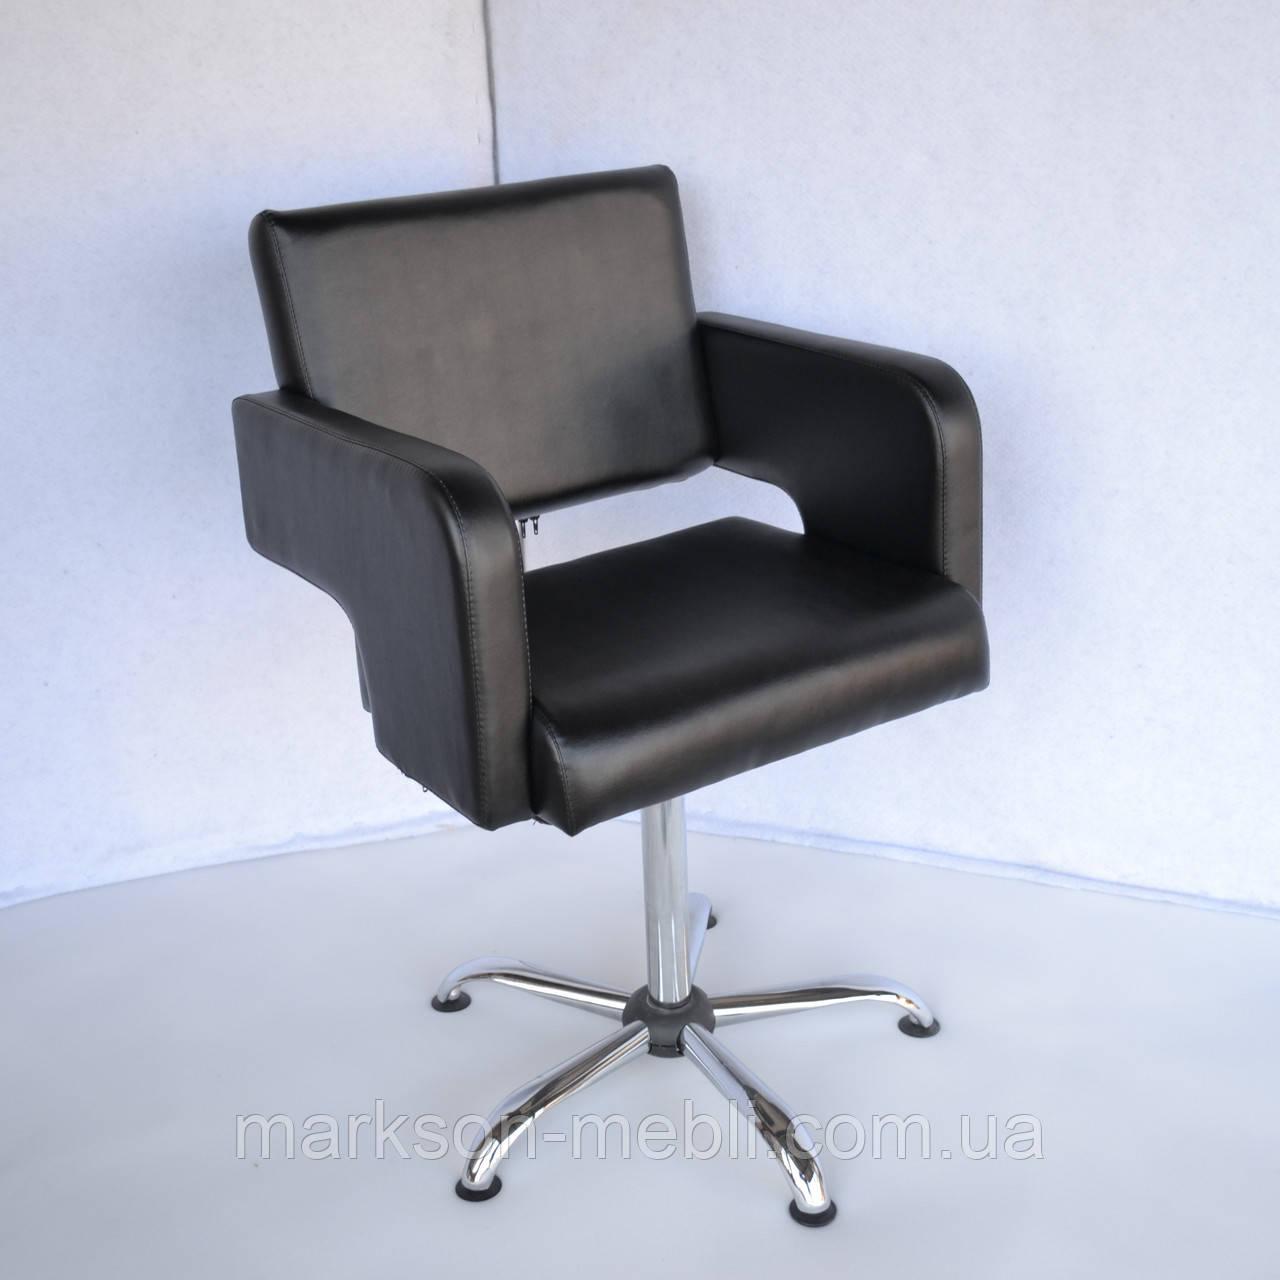 Кресло парикмахерское Престиж на гидроподъемнике